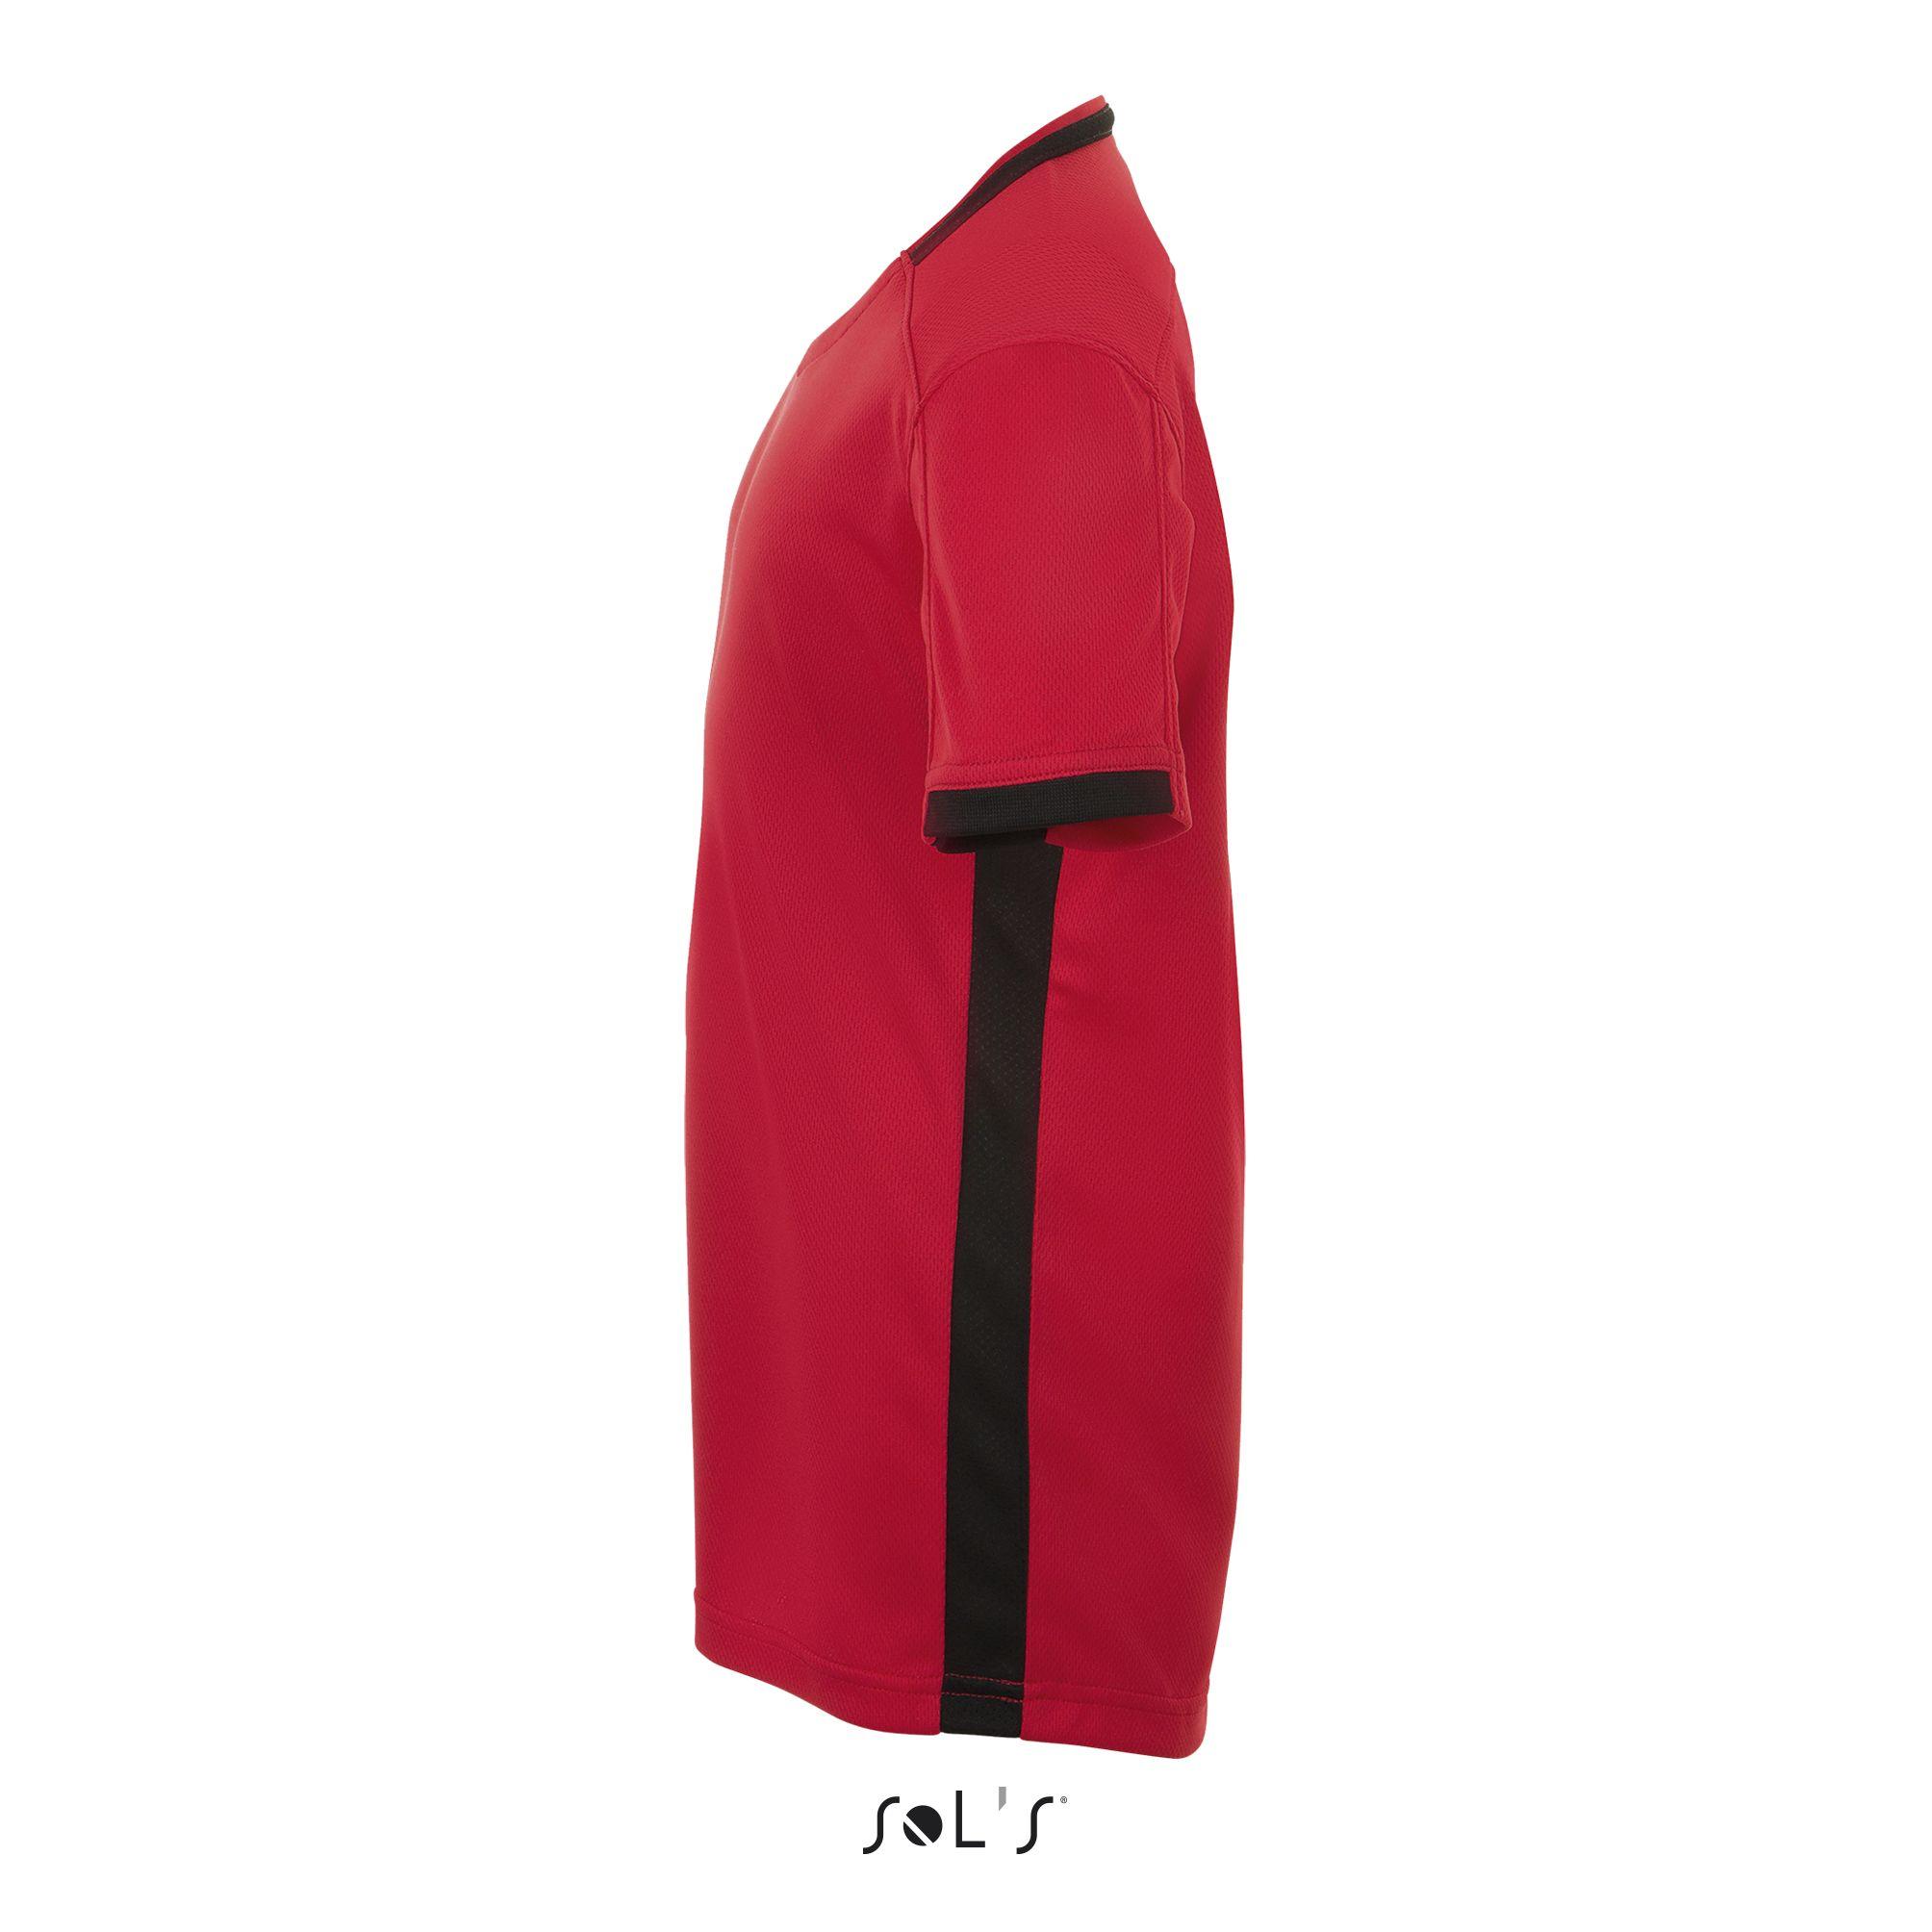 937 - Rouge / Noir